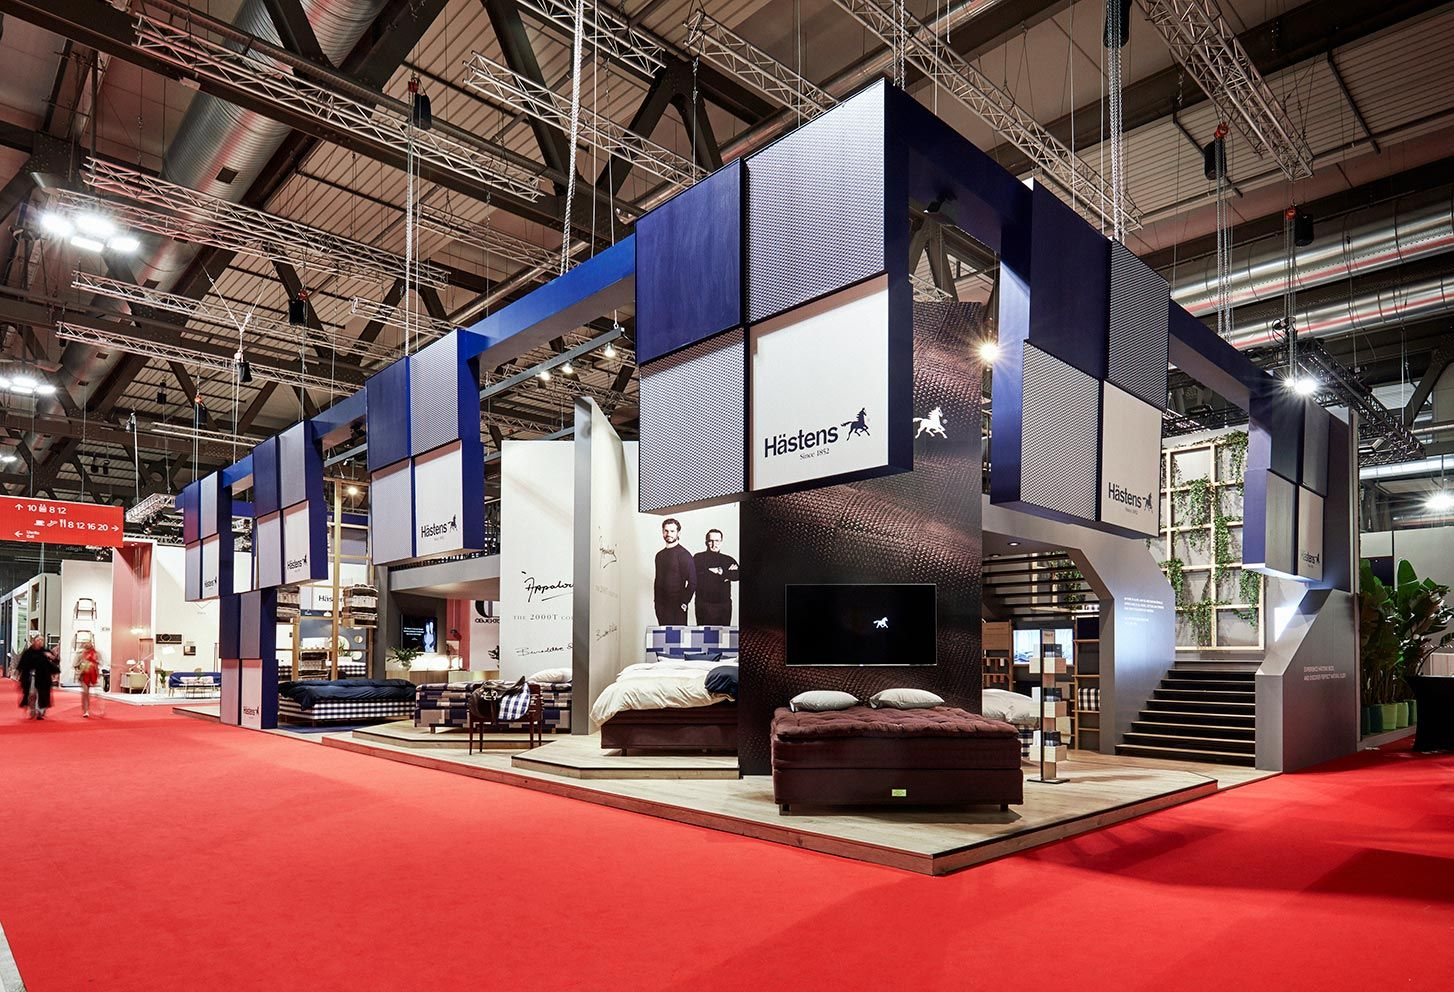 Hästens Köln an impressive two exhibition stand for hästens at salone